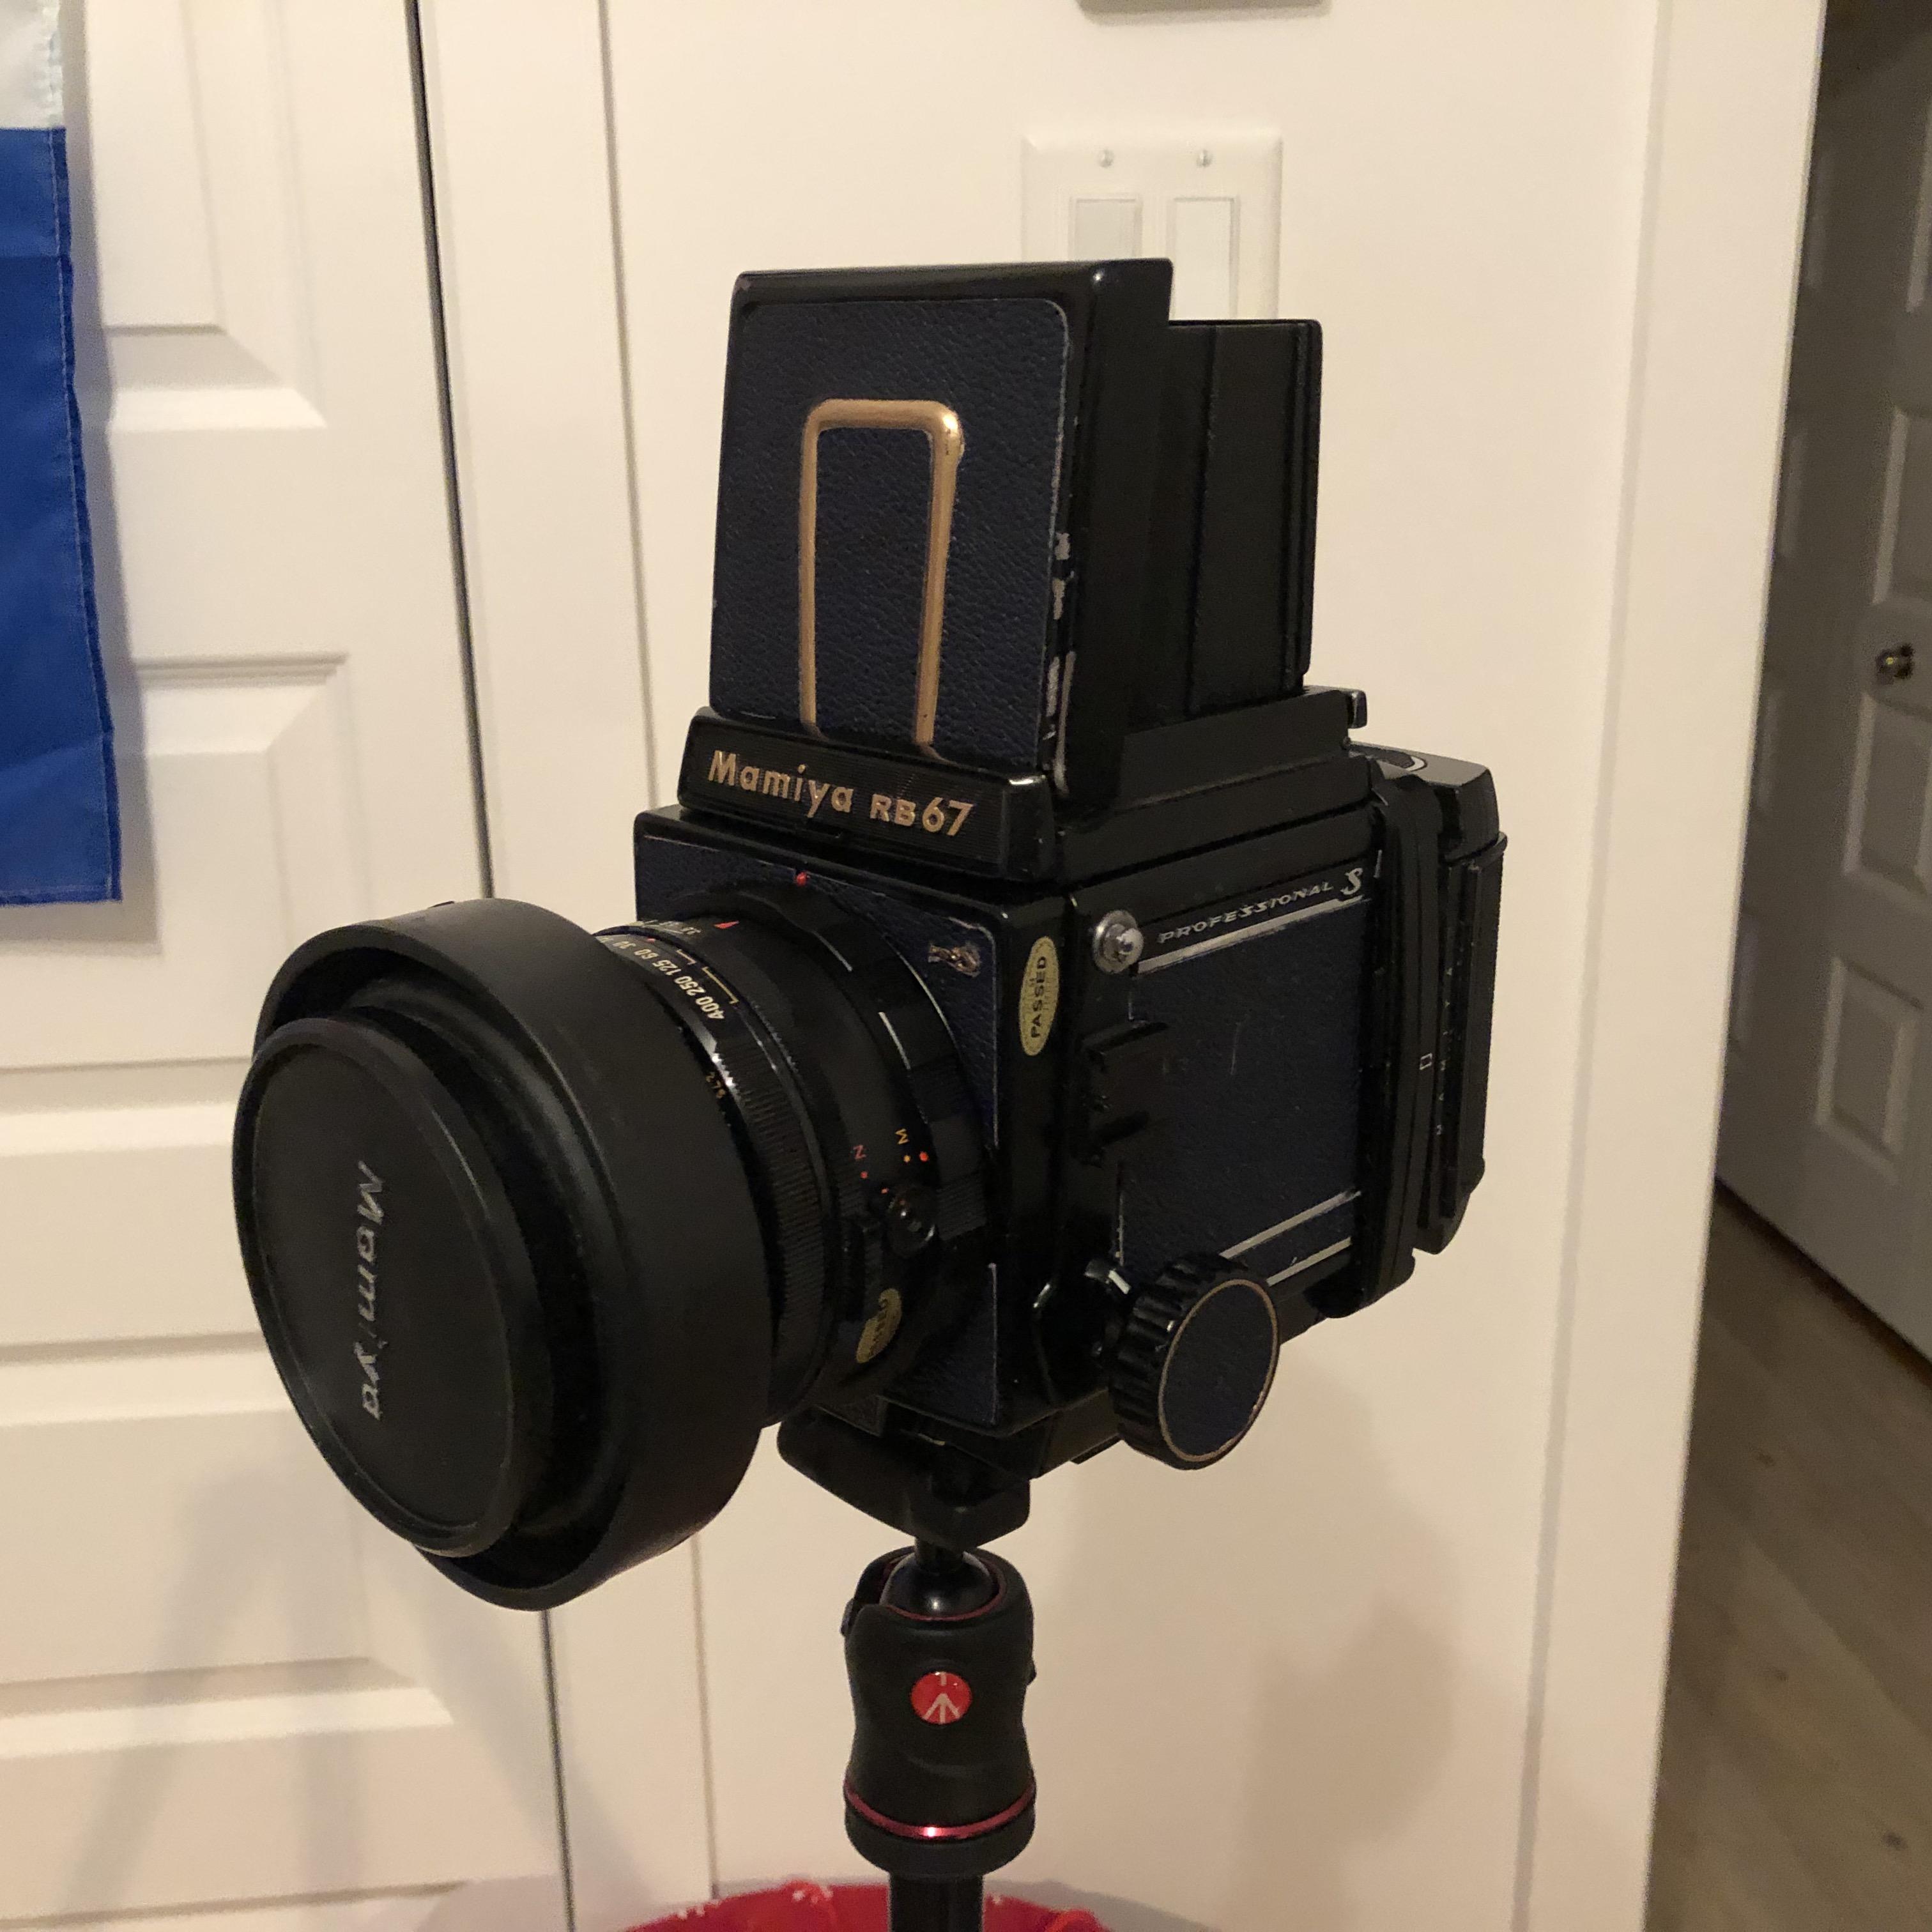 mamiya-rb67-restoration-medium-format-camera-light-seals-leather-217